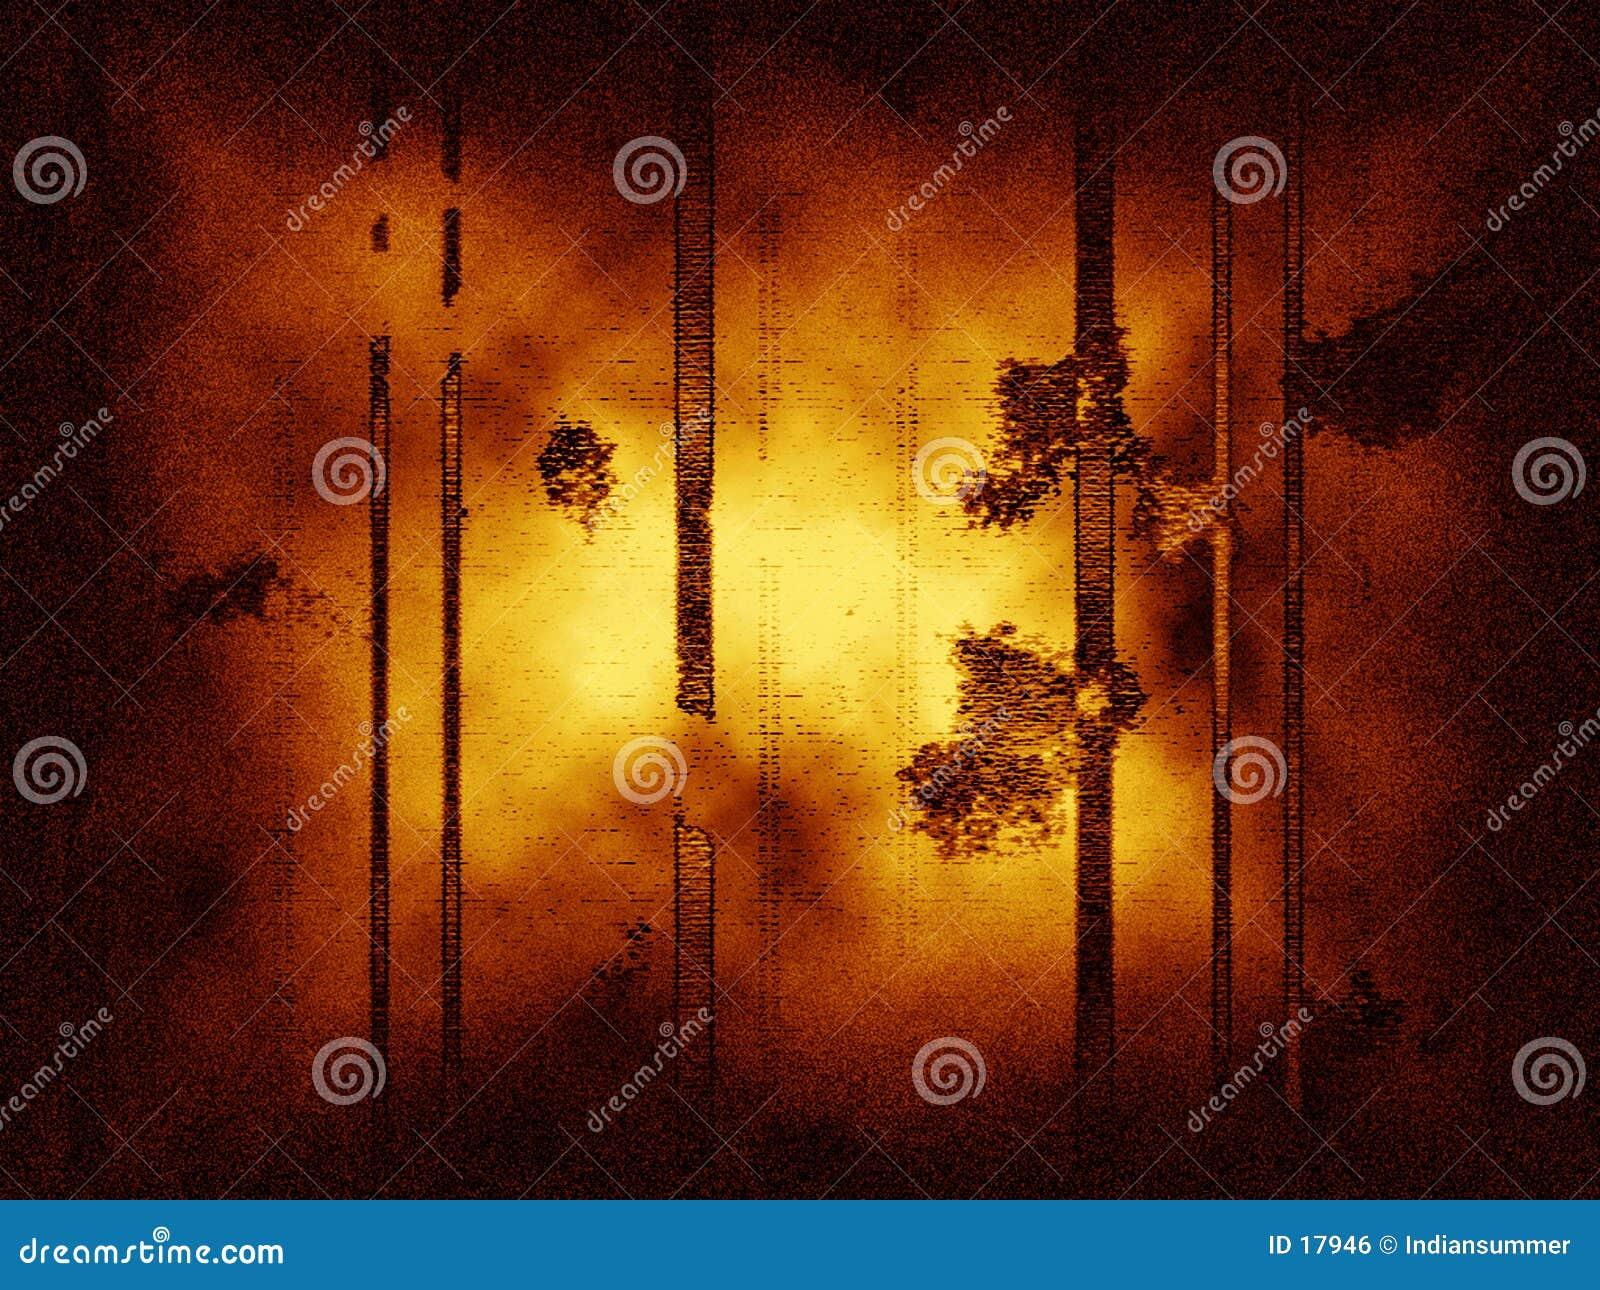 Priorità bassa grungy astratta con le righe verticali, la polvere ed il disturbo.